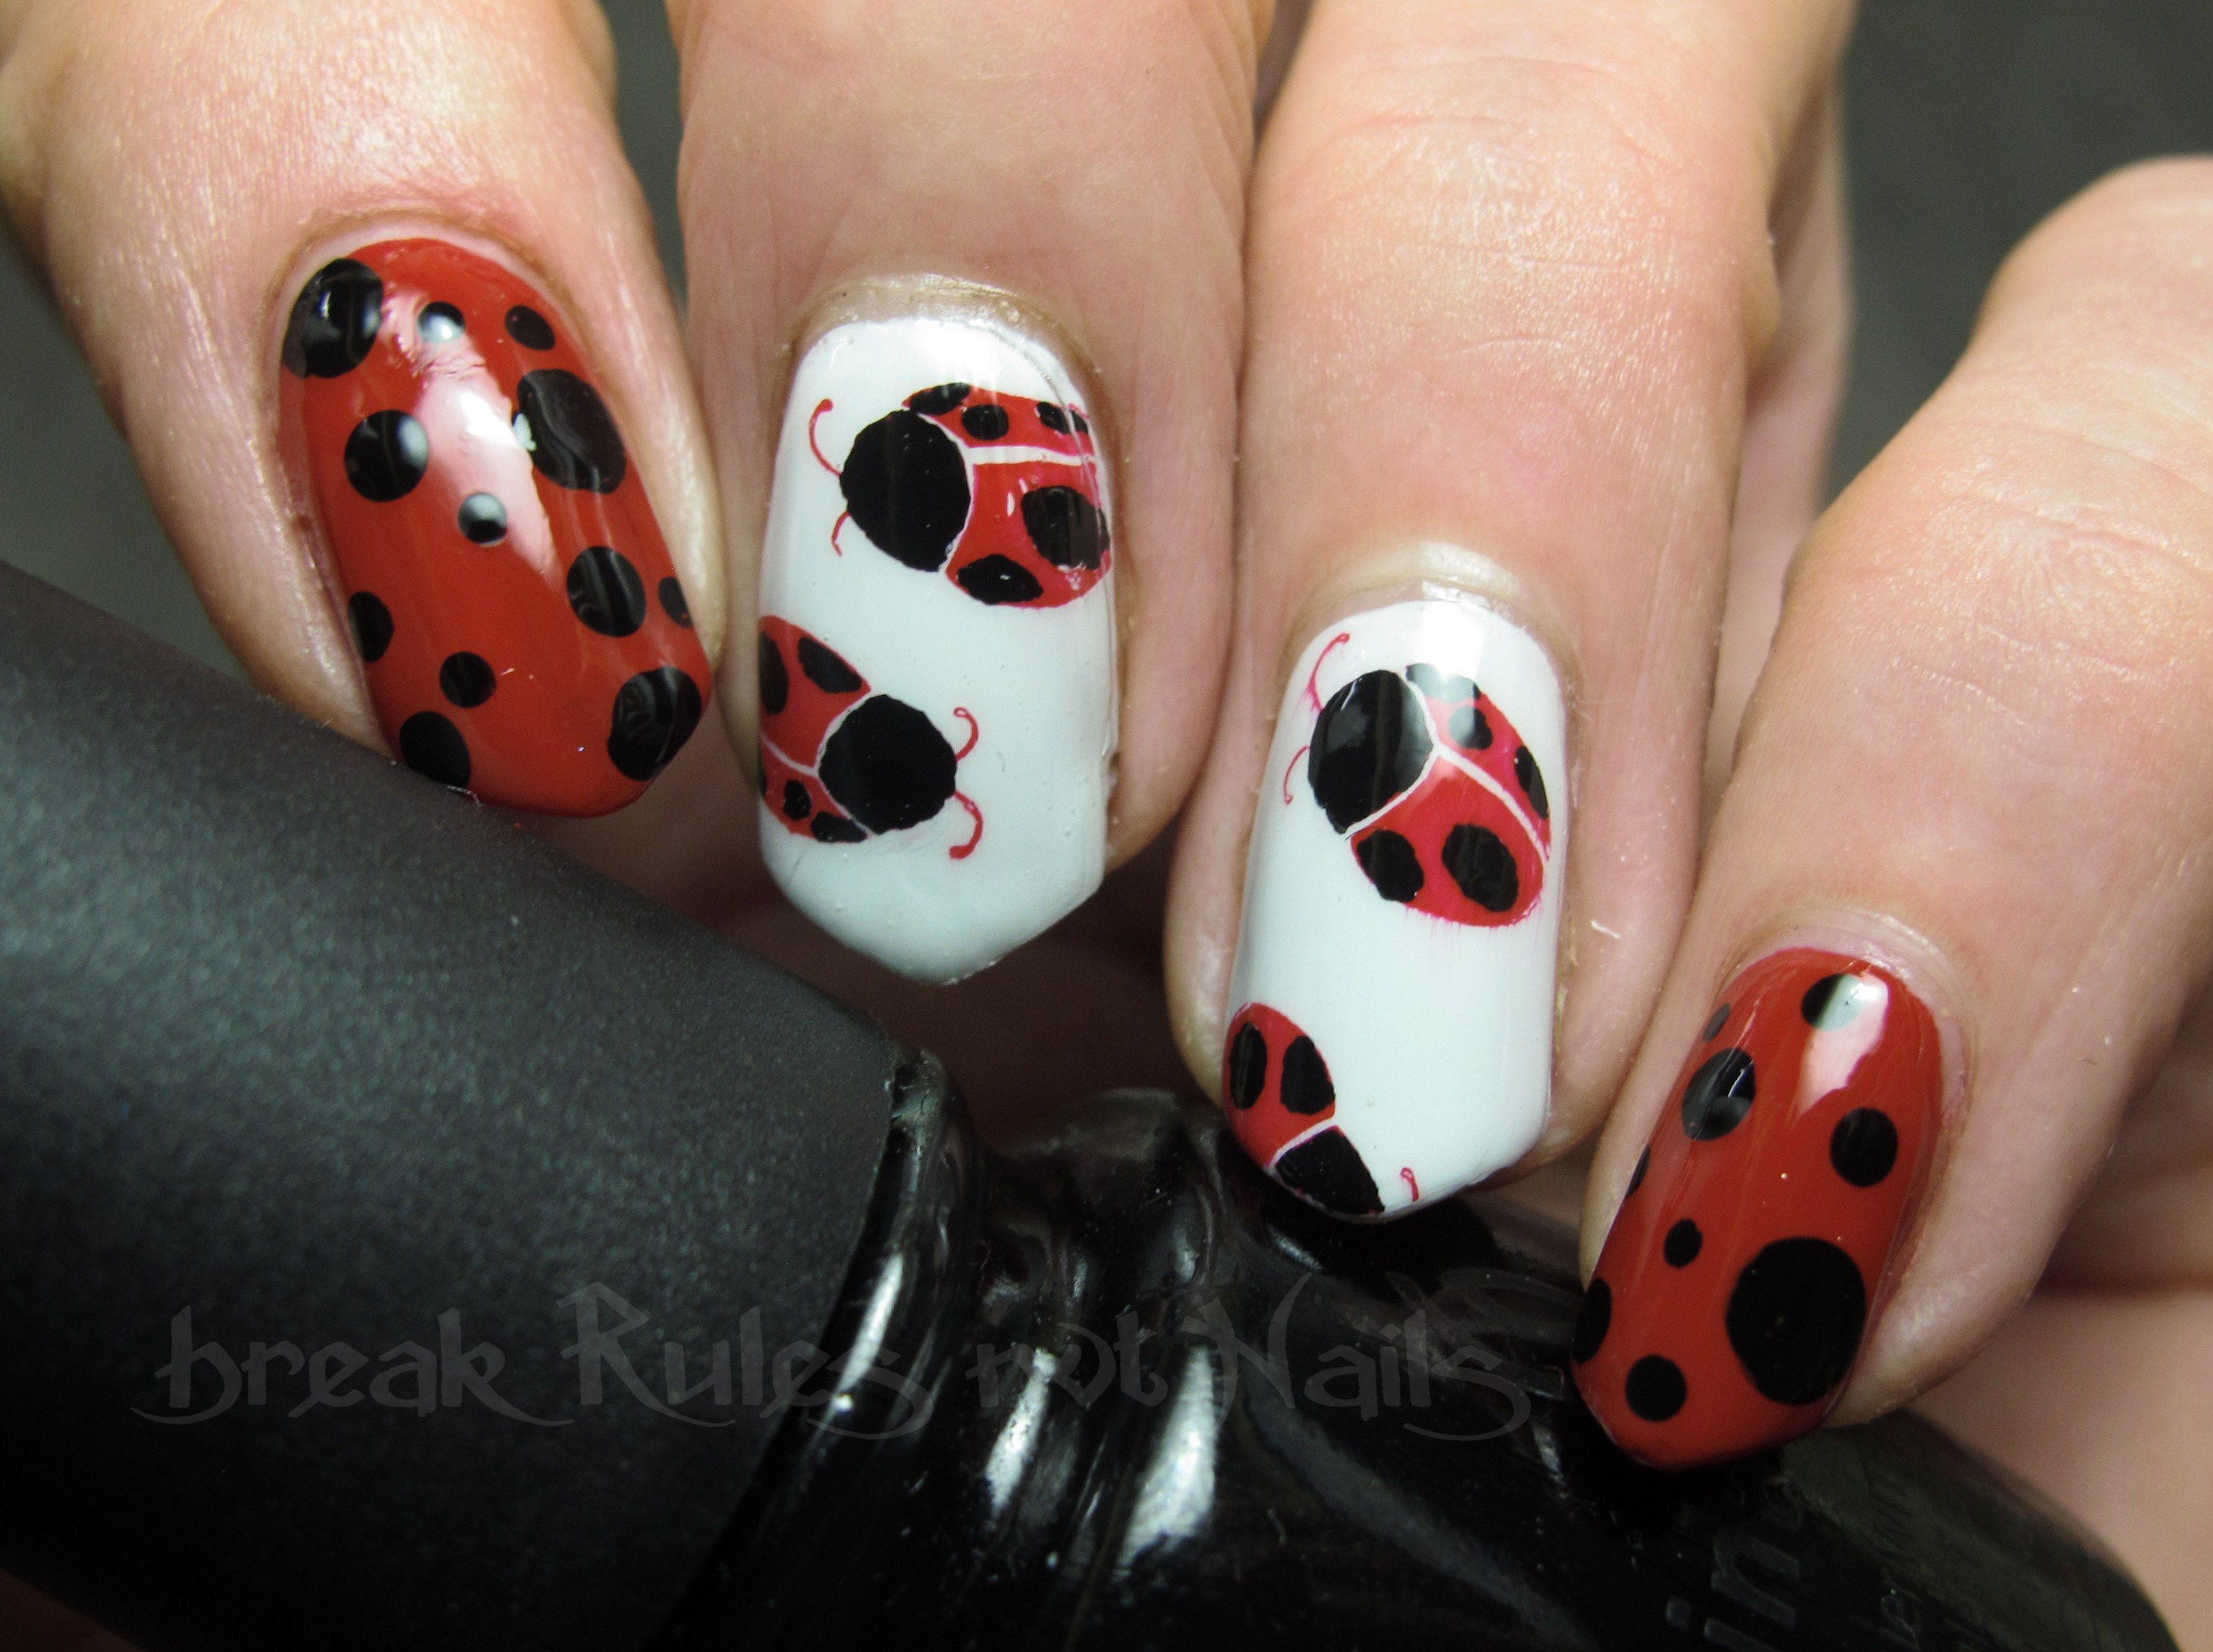 Ladybird Nail Art Break Rules Not Nails